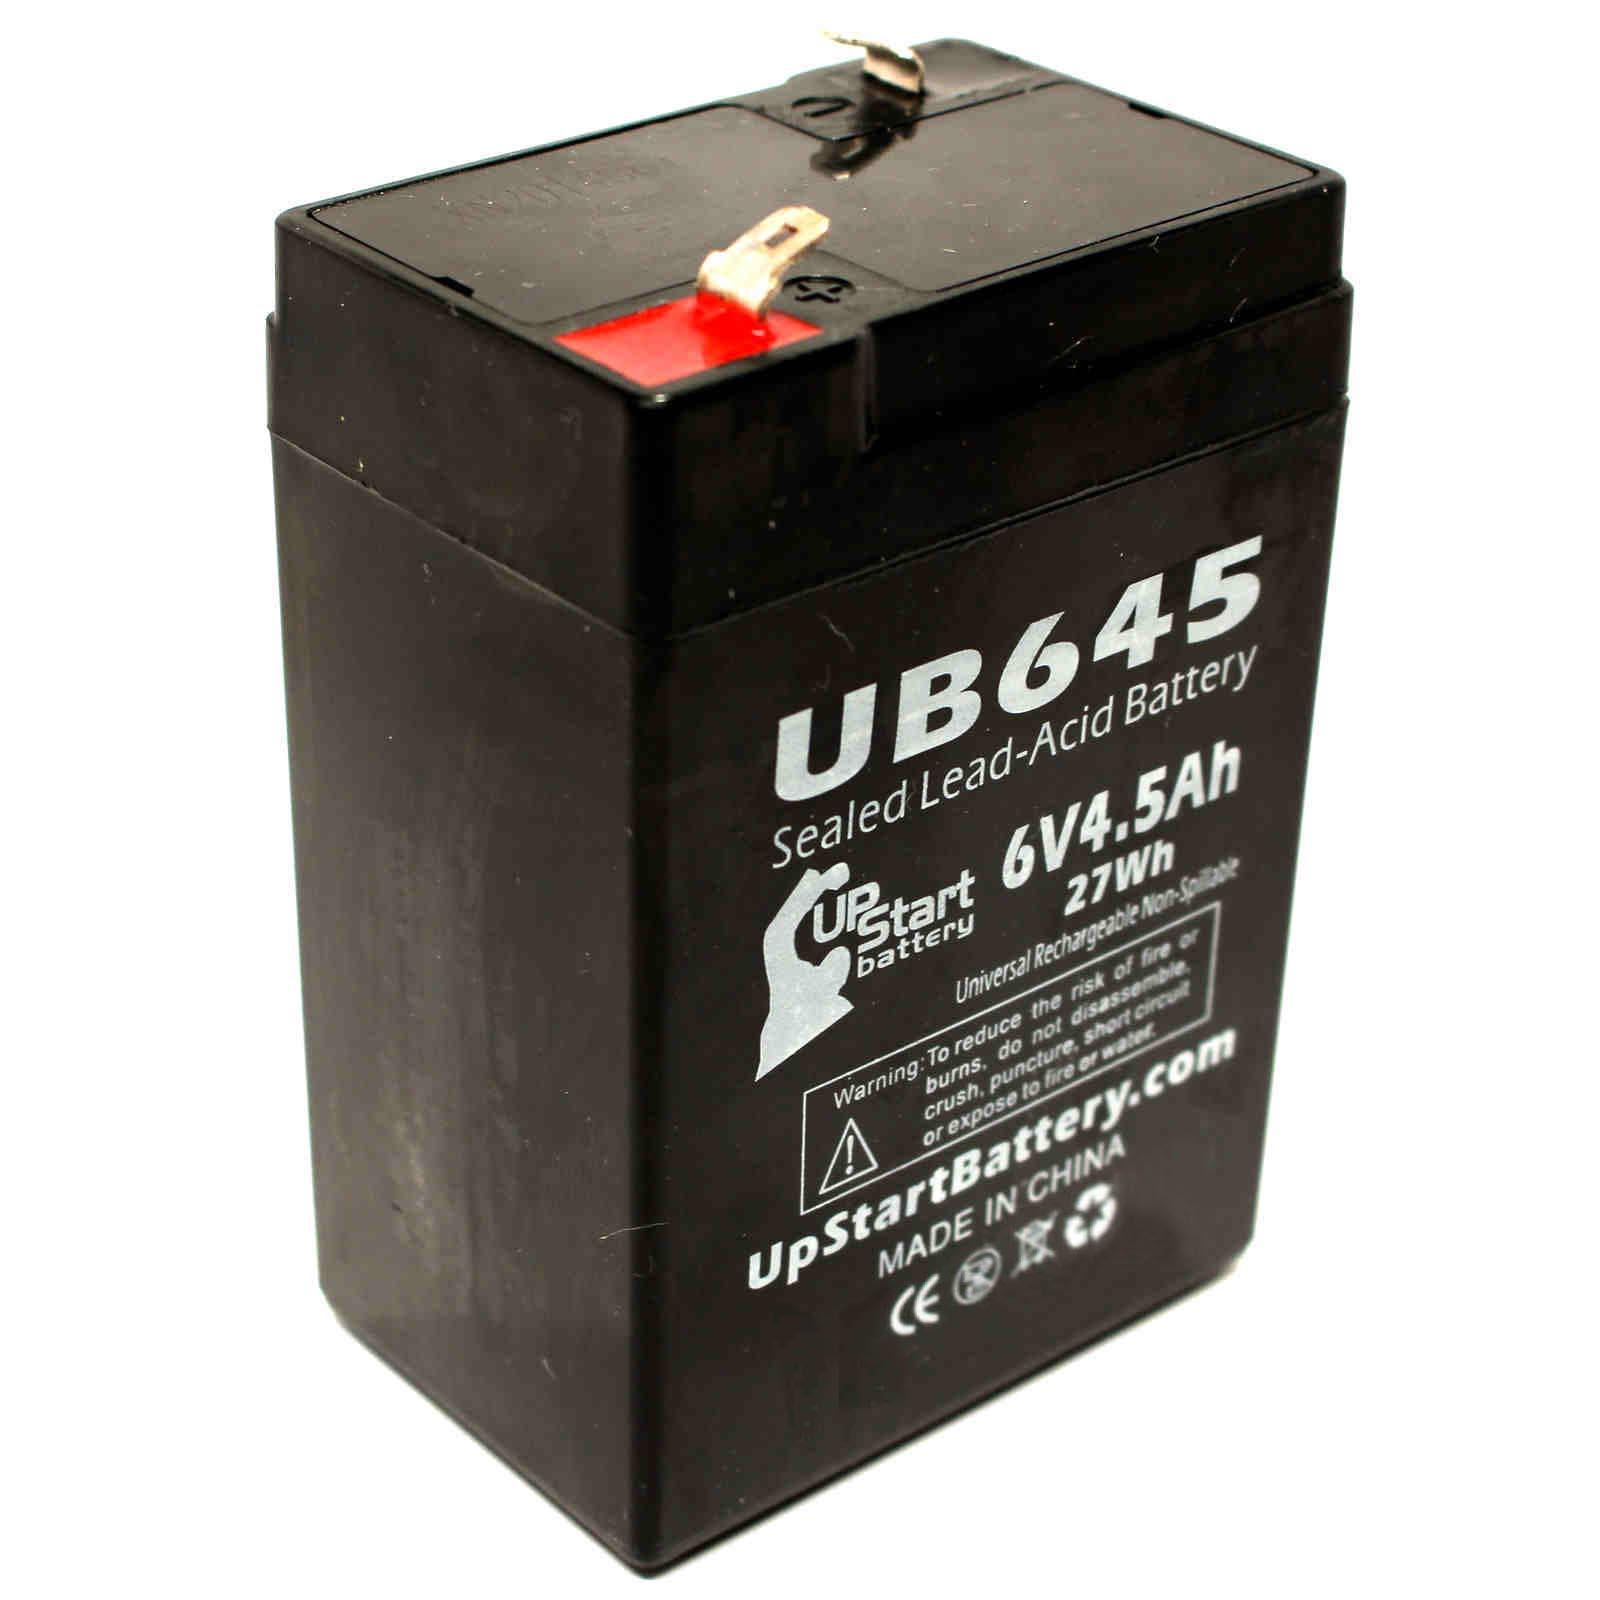 Lithonia Elb06042 6elm2 Battery Ub645 6v 4 5ah Sealed Lead